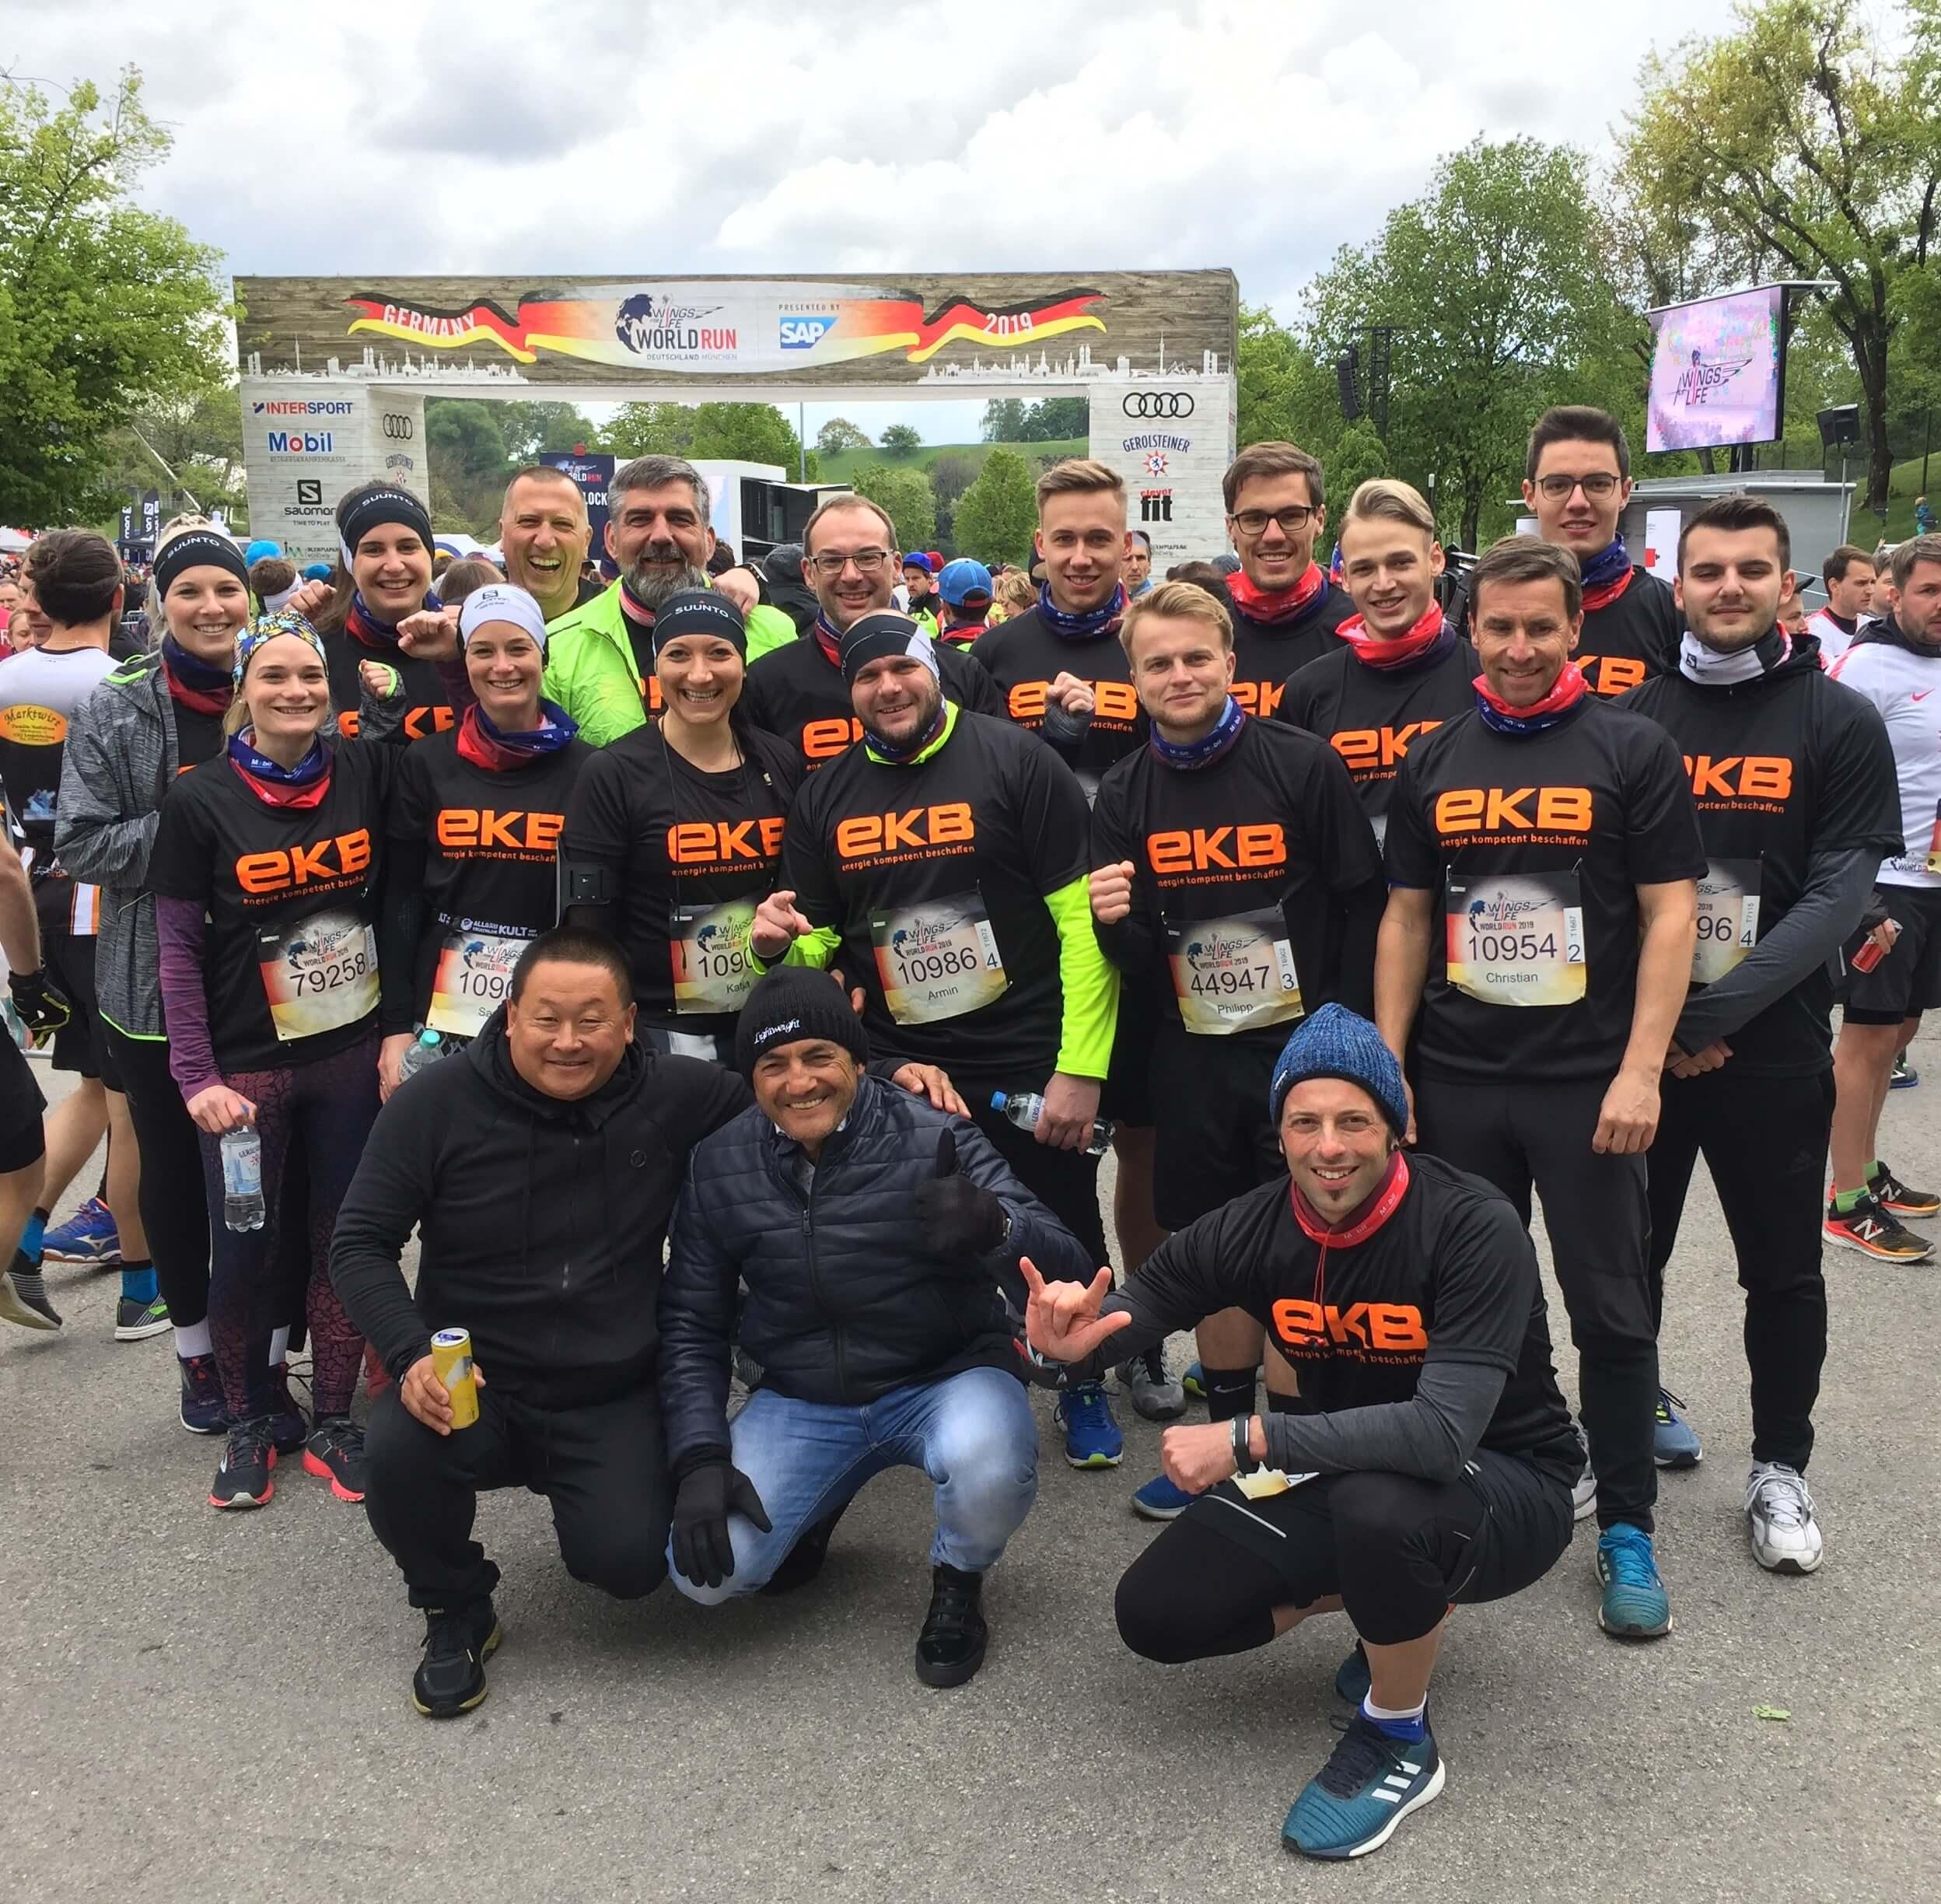 EKB Wings for Life World Run